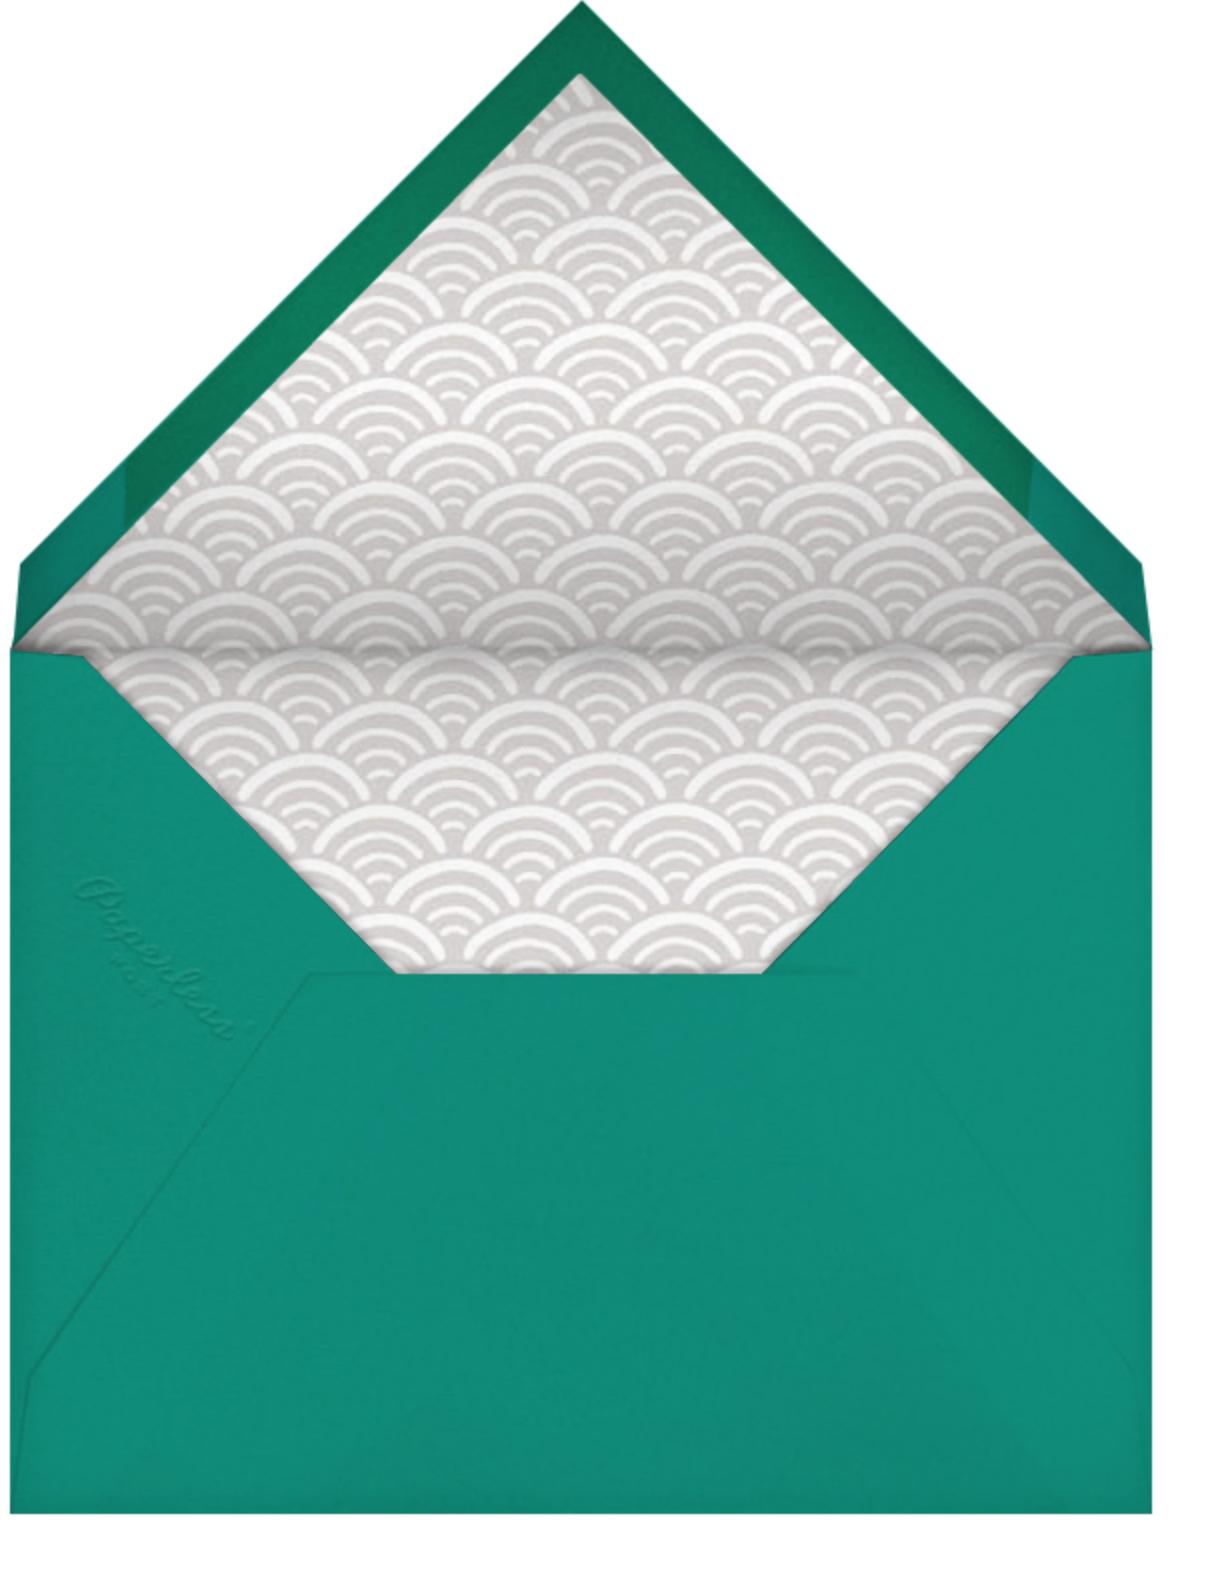 Sake - Paperless Post - Dinner party - envelope back